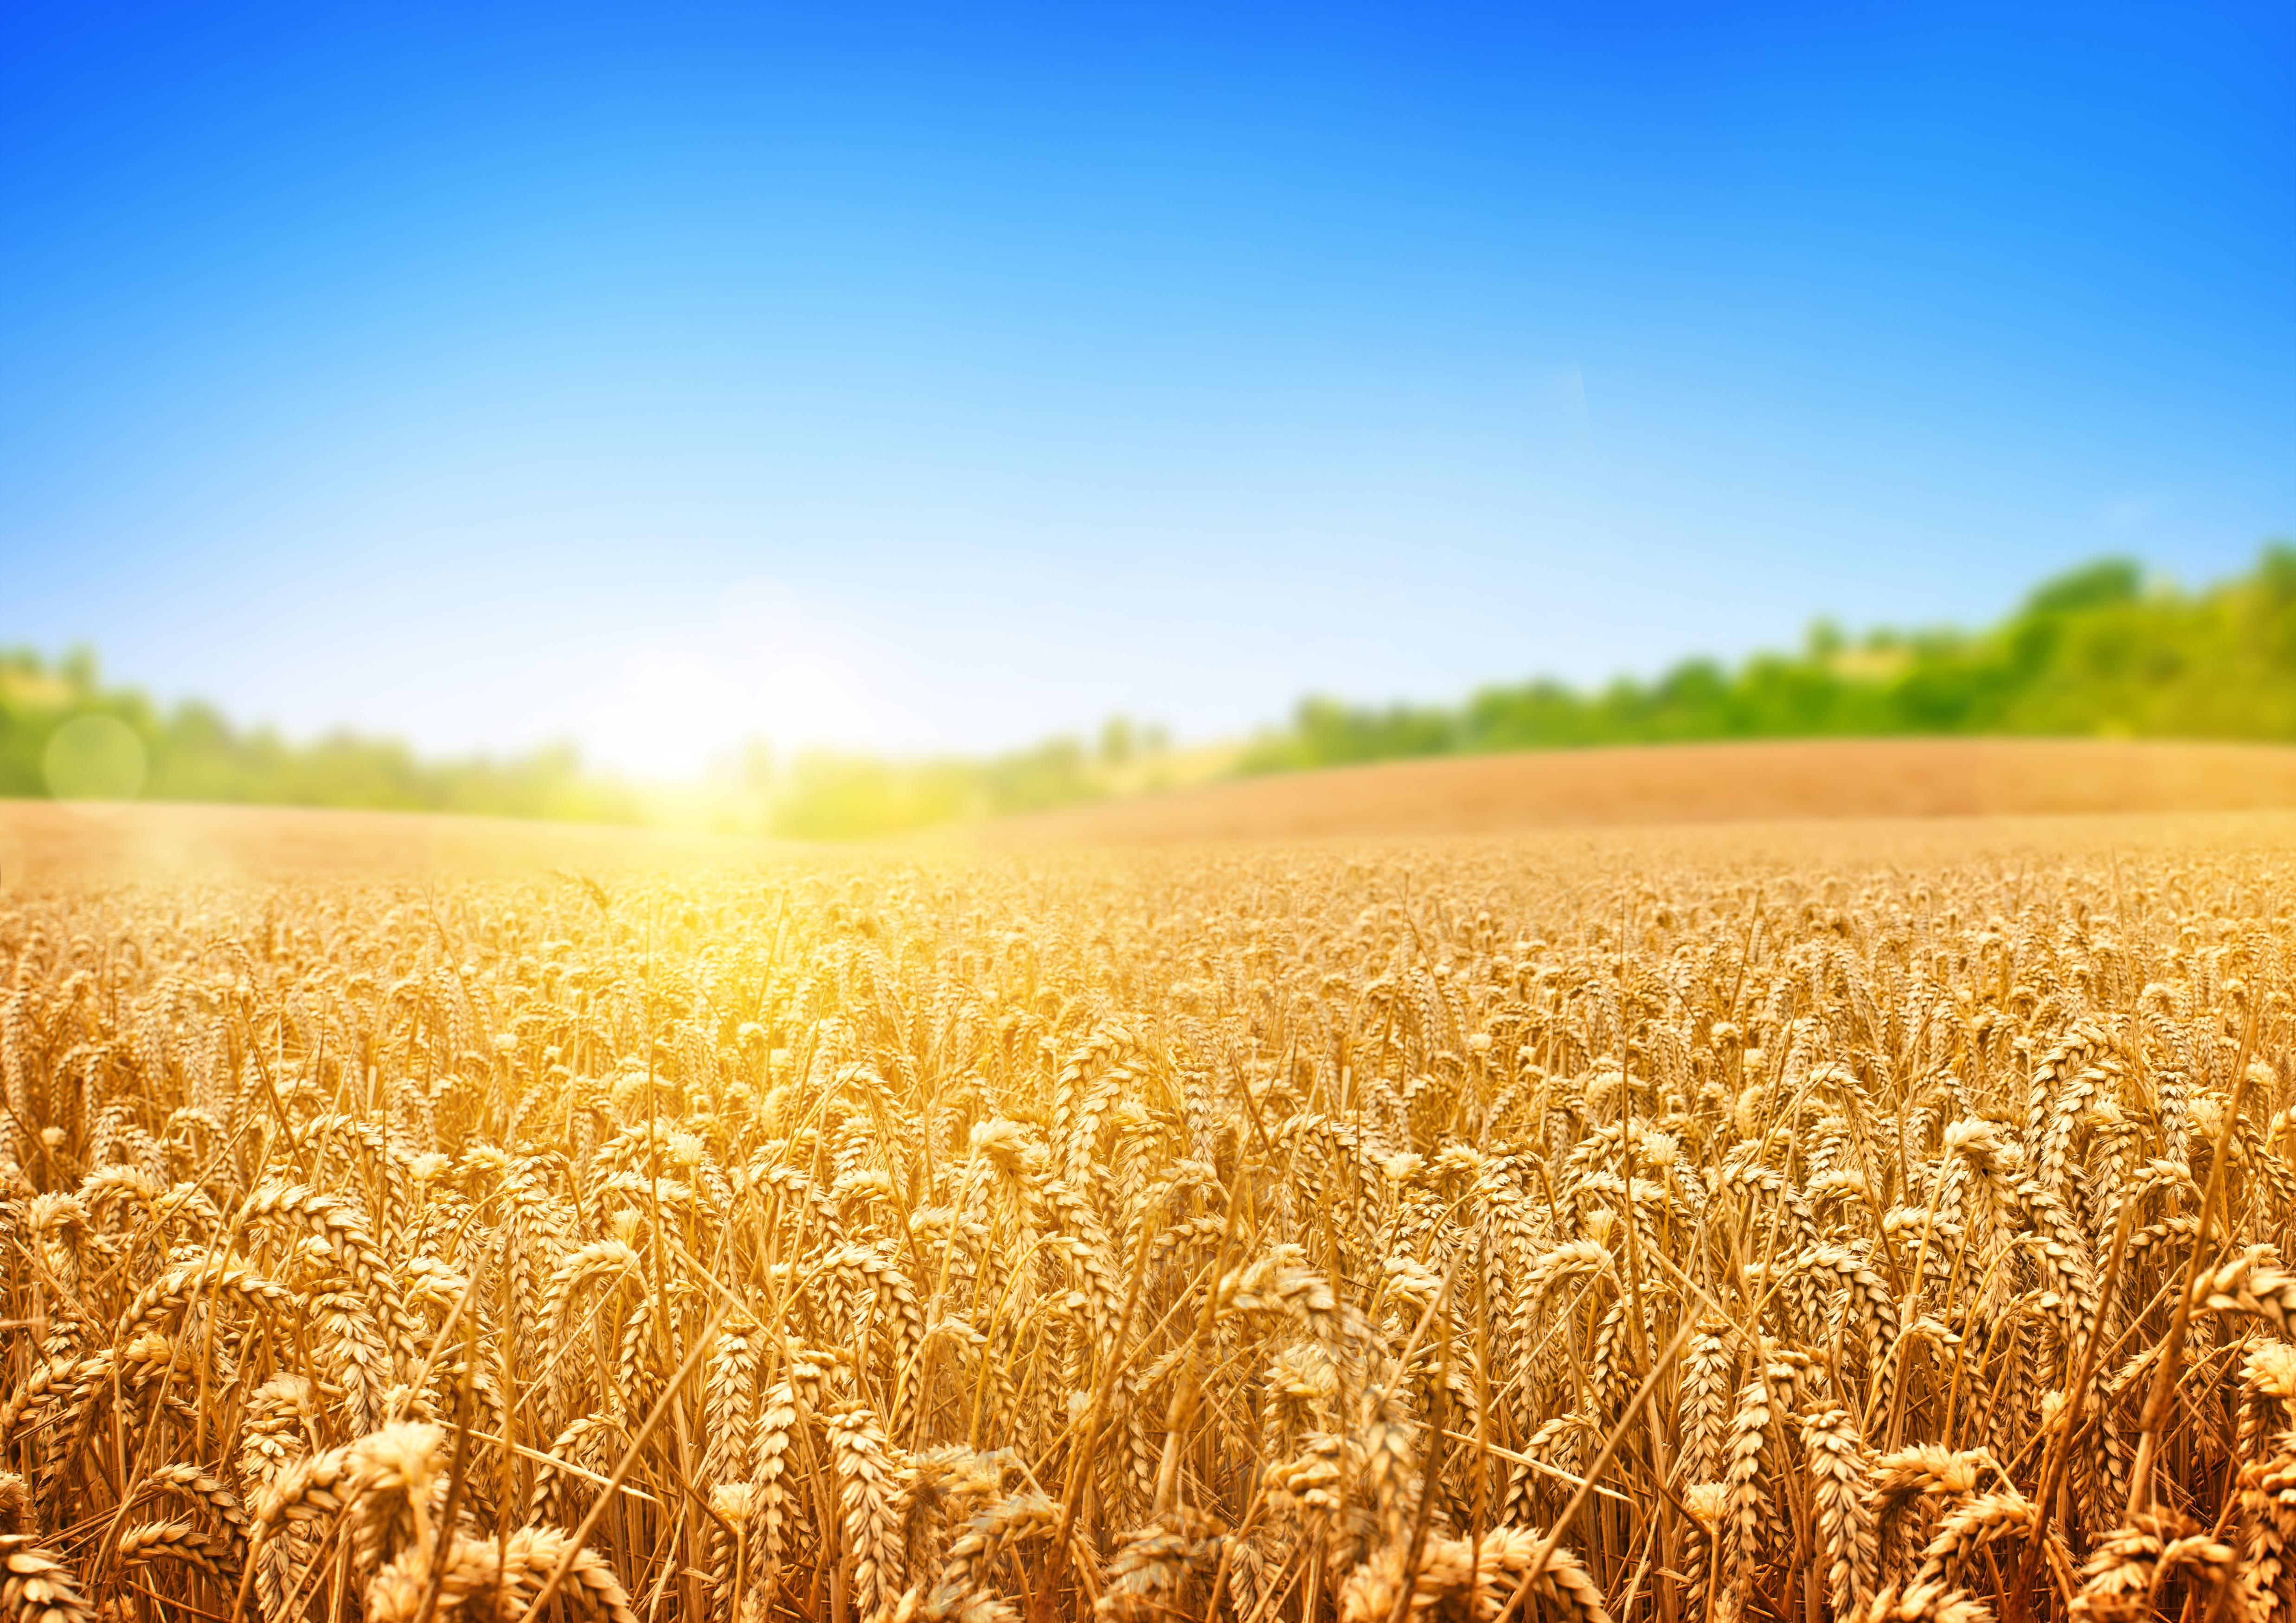 Рішенням LIV сесії районної ради VI скликання затверджено Програму формування урожаю сільськогосподарських культур 2015 року